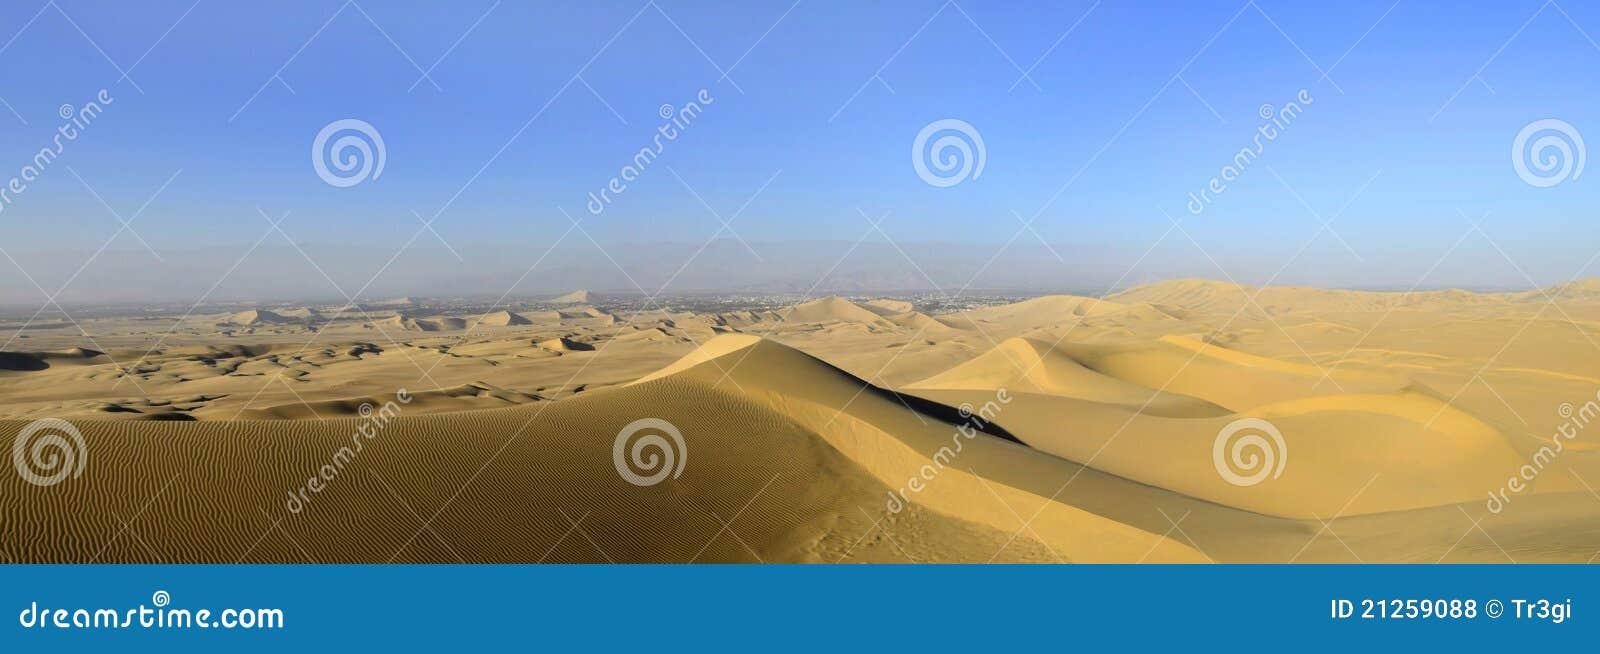 Panorama do deserto da duna de areia em Peru